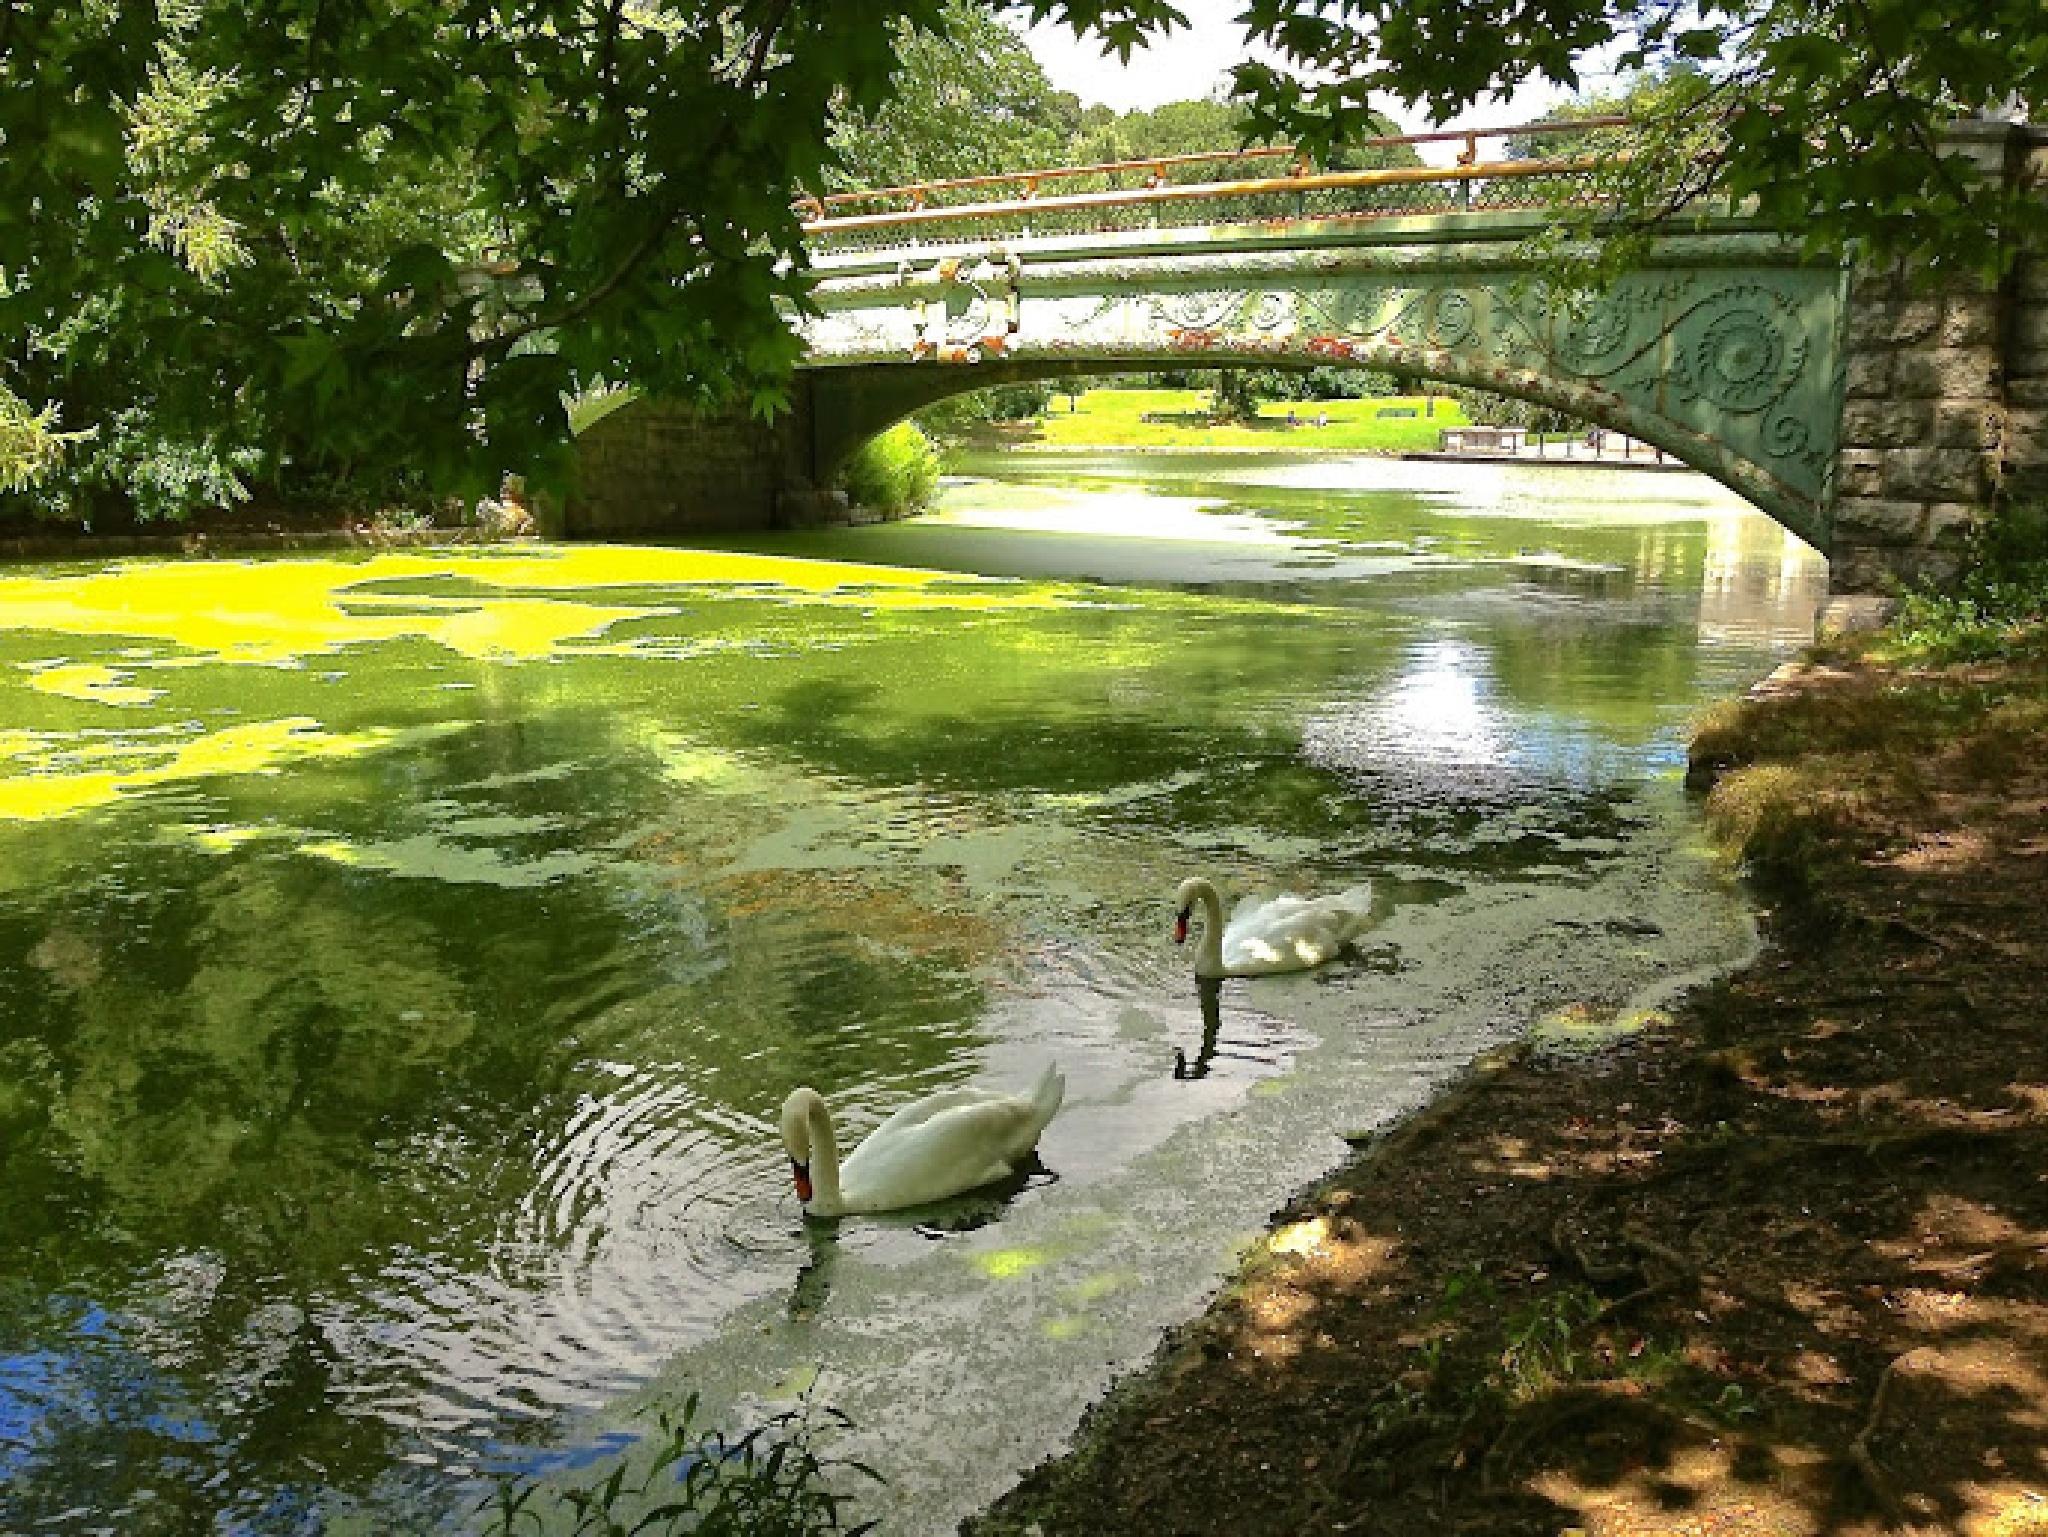 Green Waters by Benedito Luiz Arruda